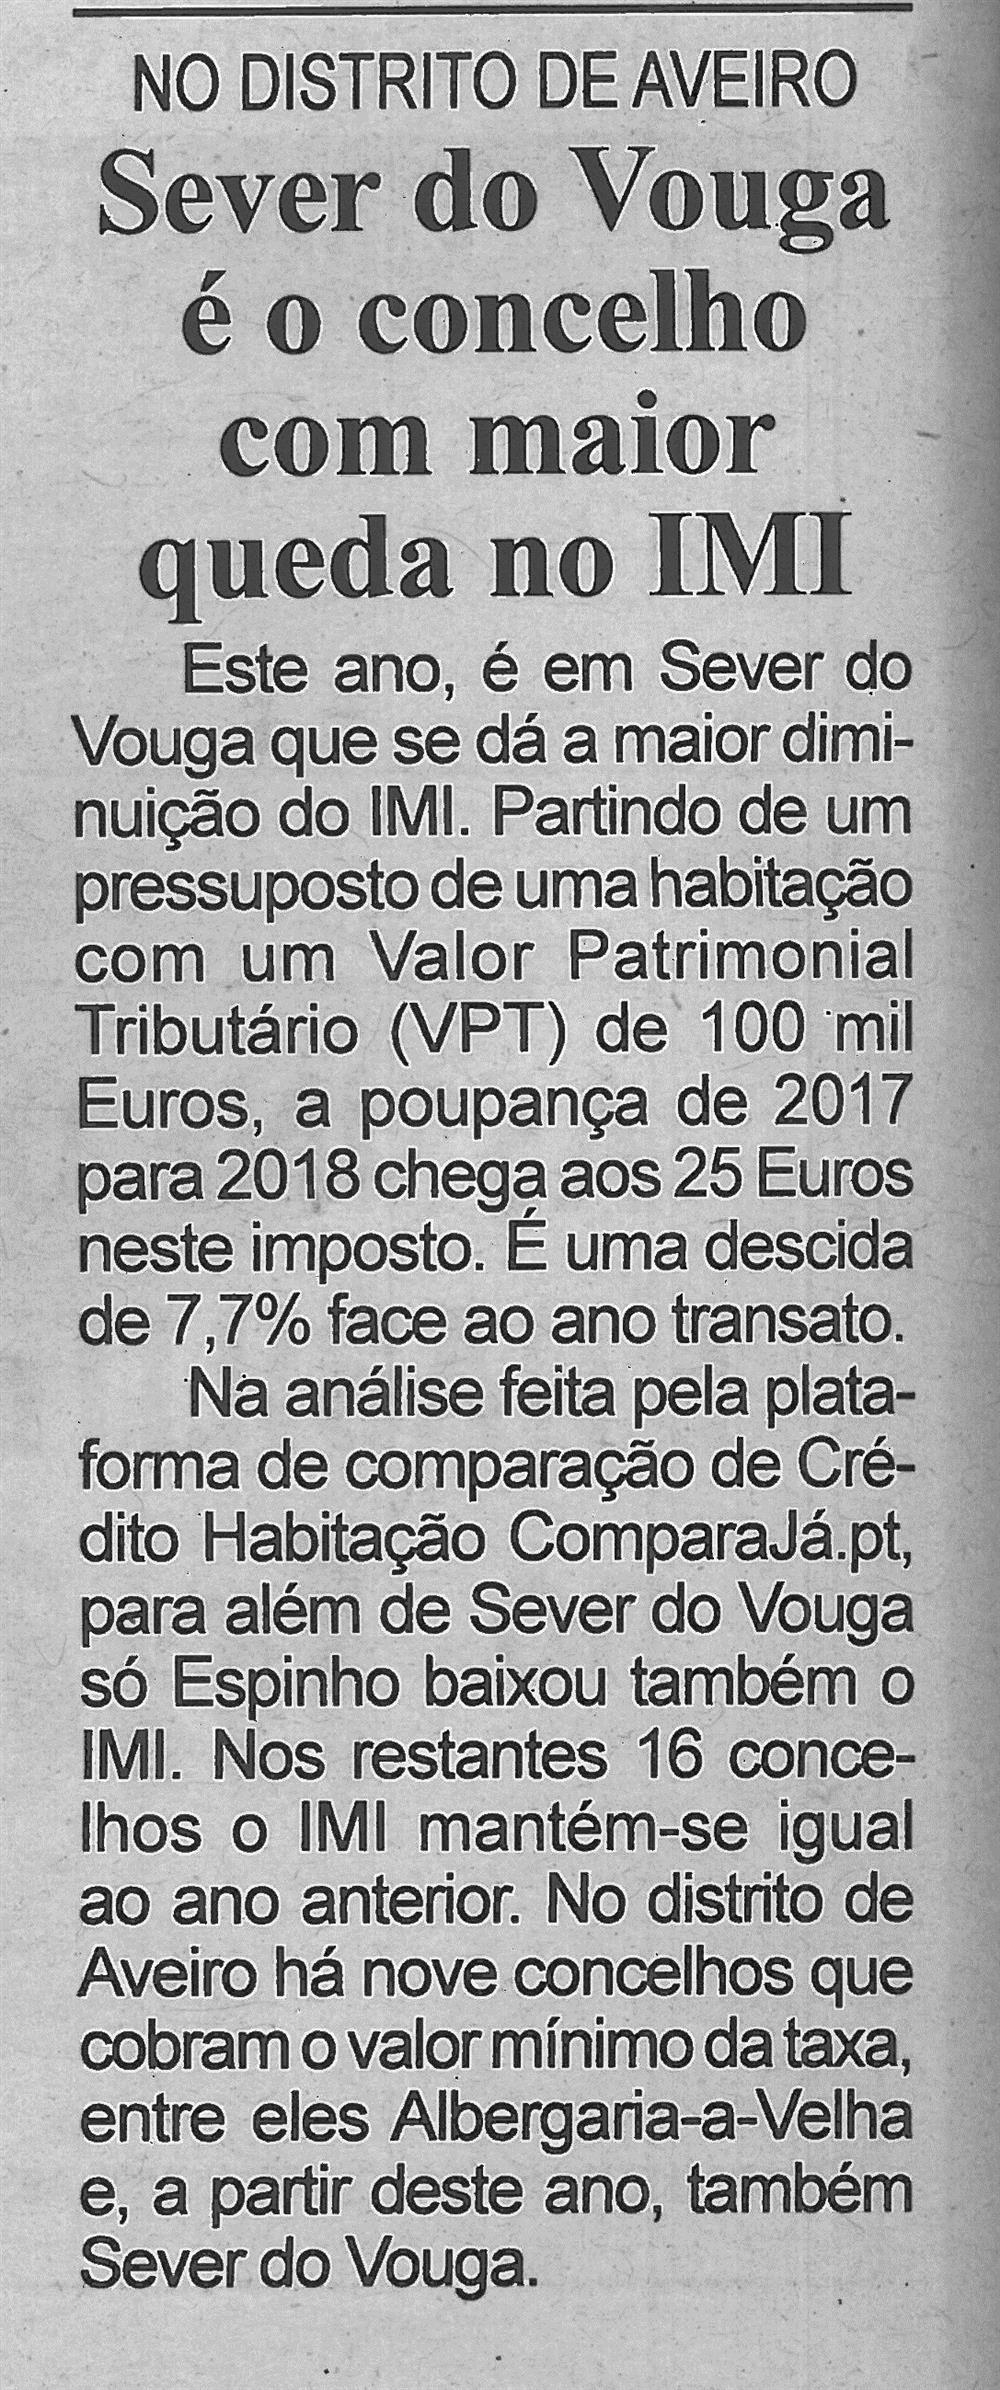 BV-1.ªfev.'18-p.4-Sever do Vouga é o concelho com maior queda no IMI : no Distrito de Aveiro.jpg